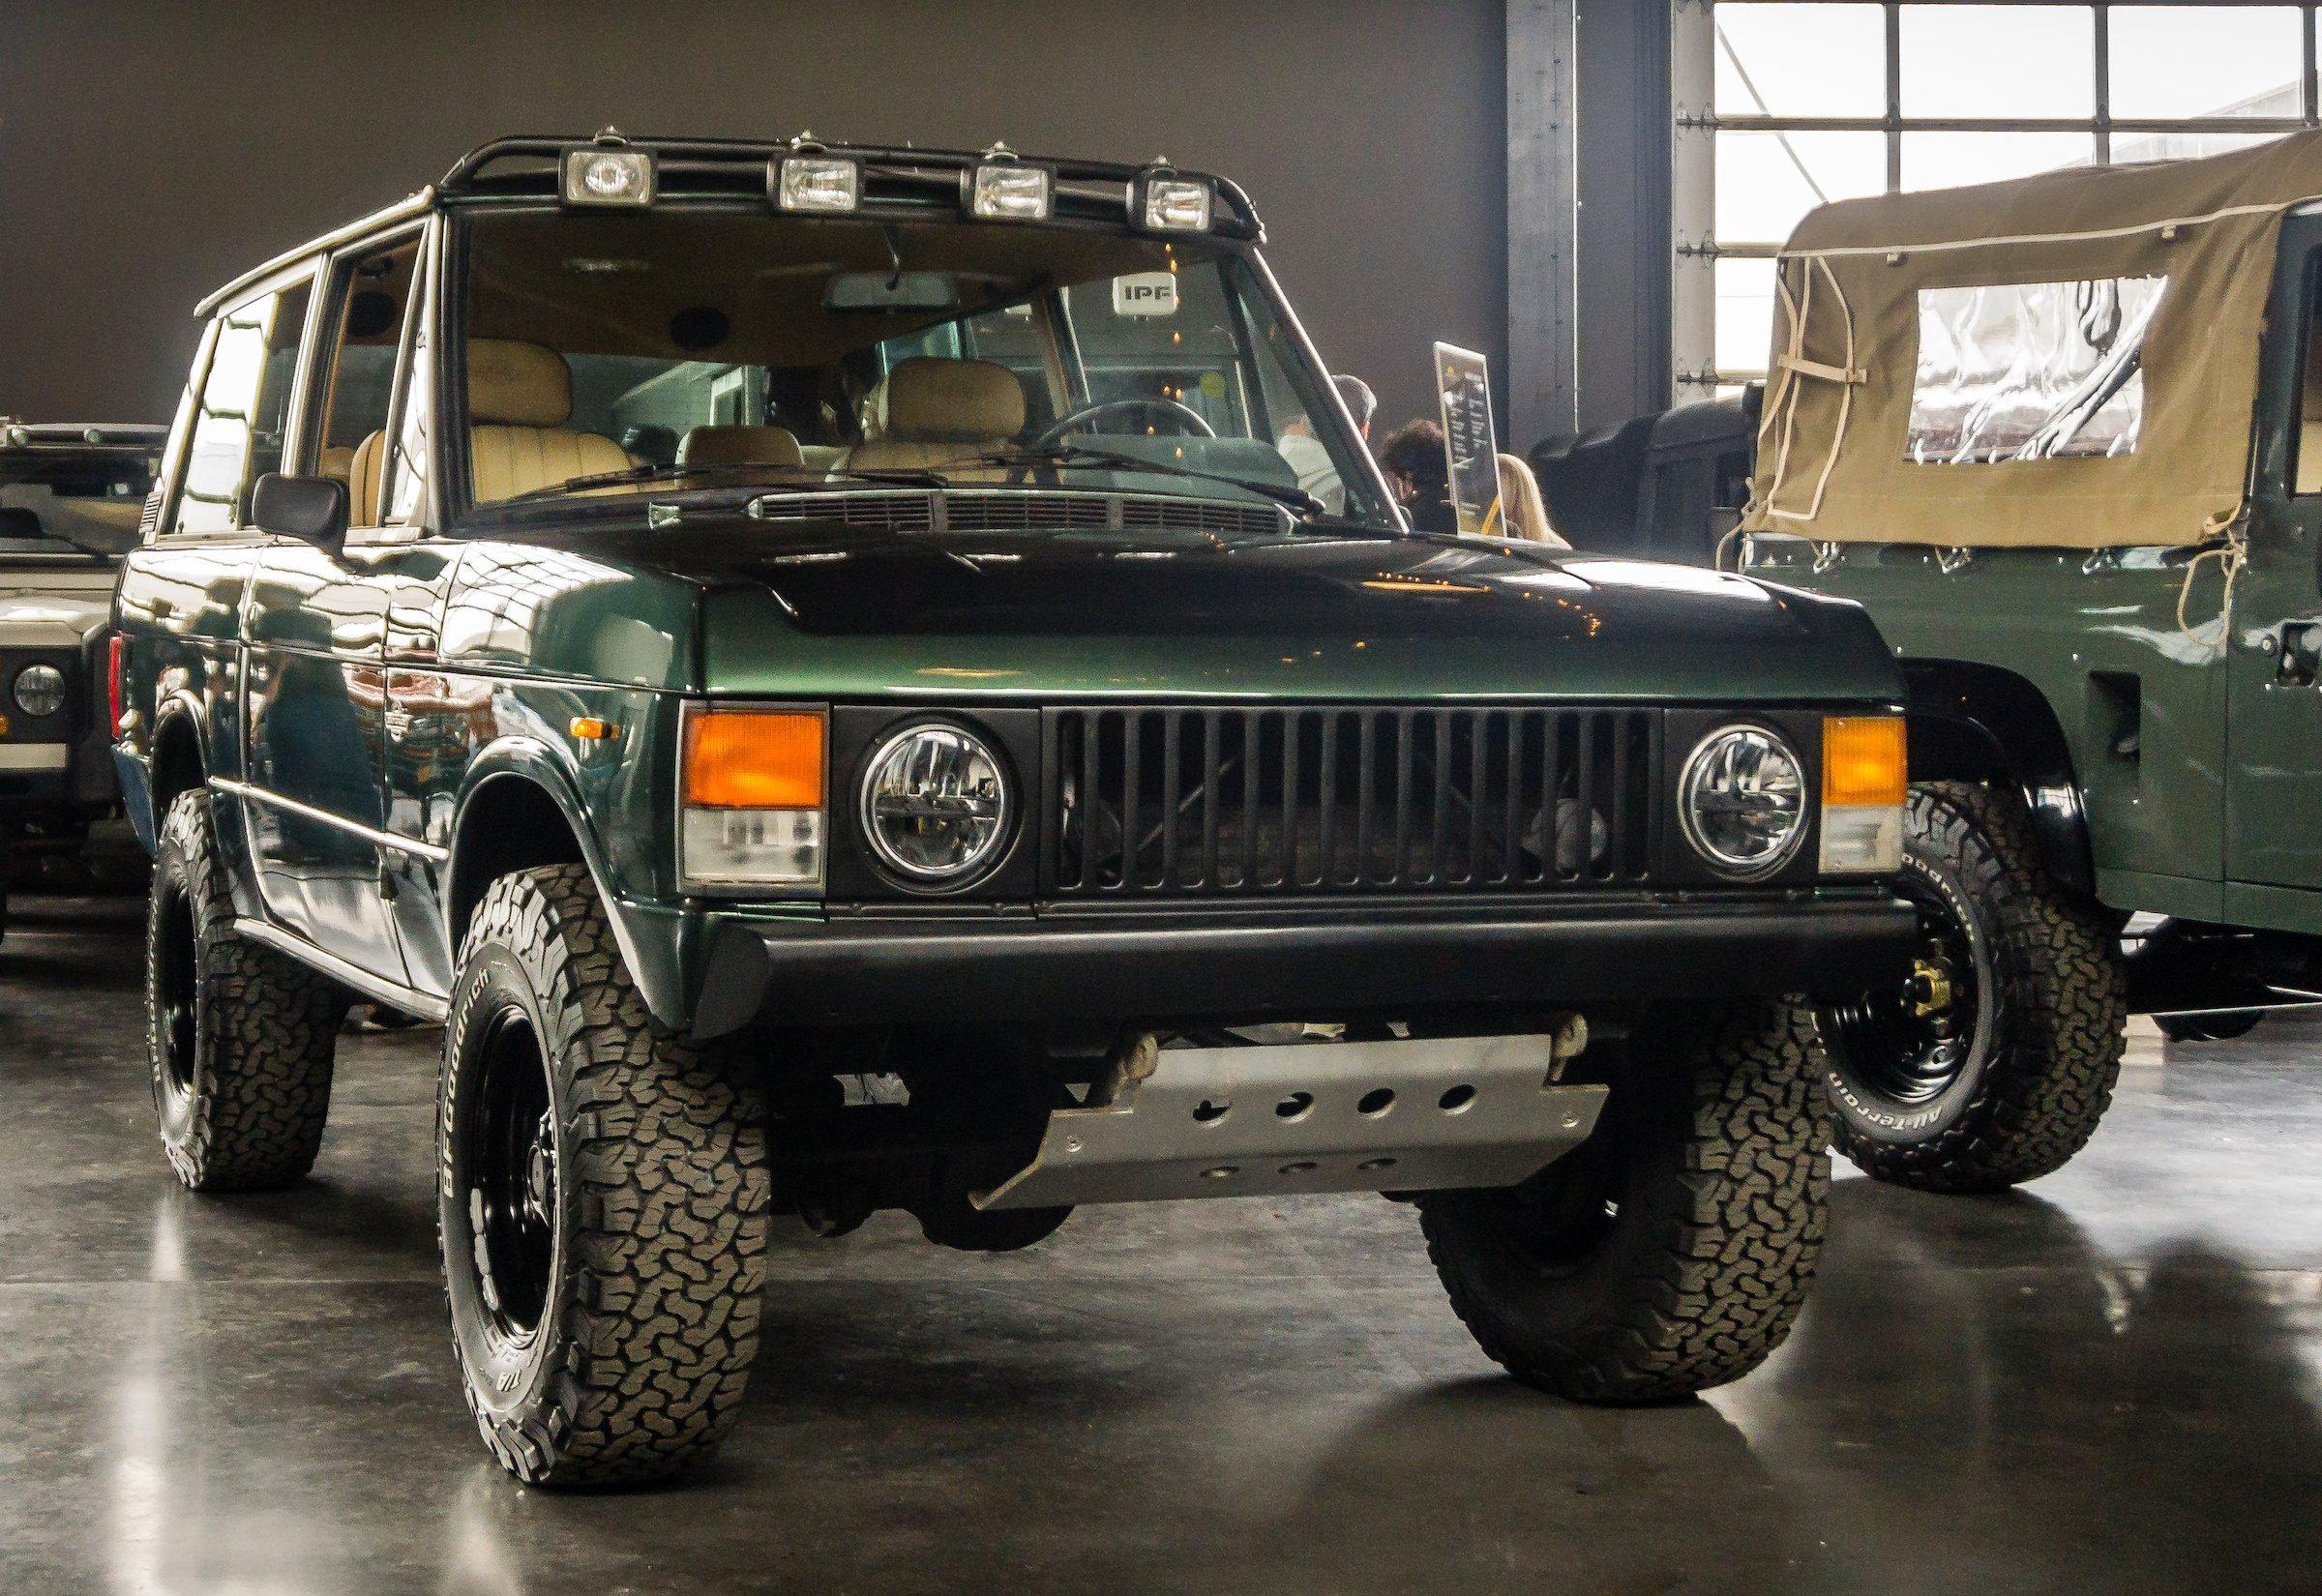 Range Rover Classic Two-Door Grille